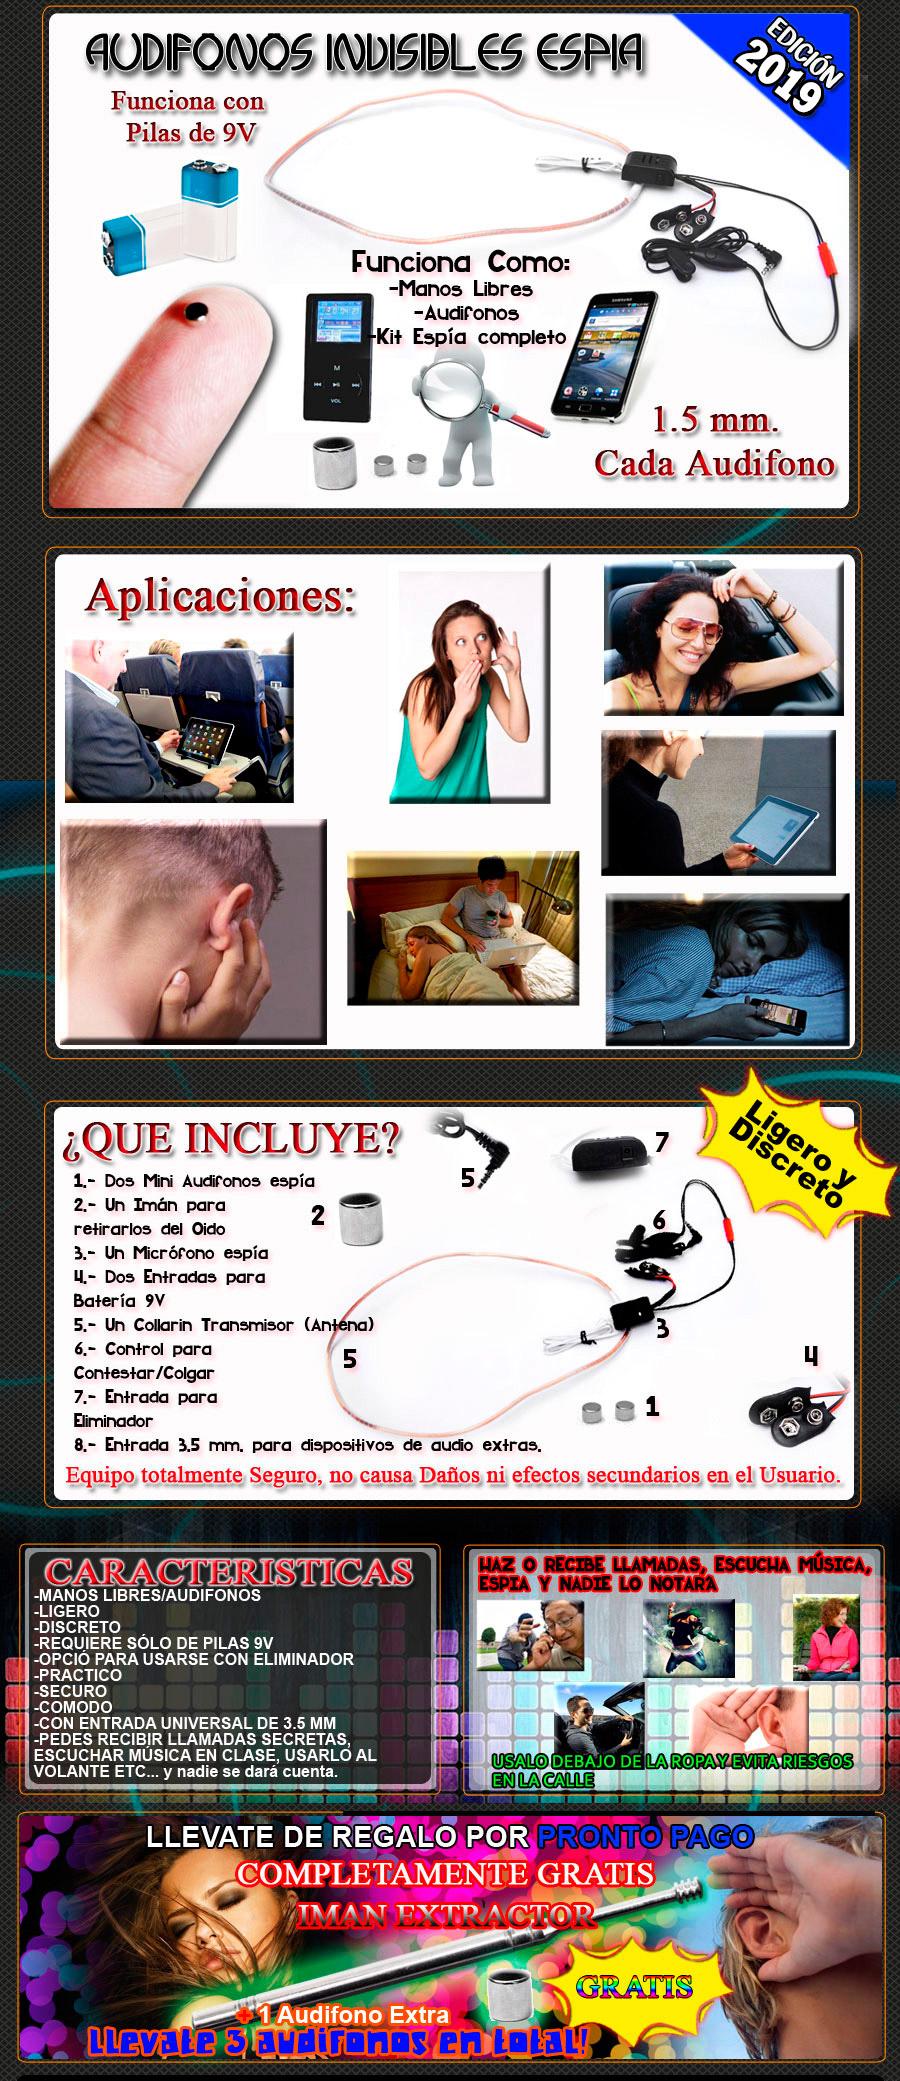 http://www.lomejorenvideo.com/img-van/ric/audifonos-espia/Audifonos-Invisibles-Espia.jpg